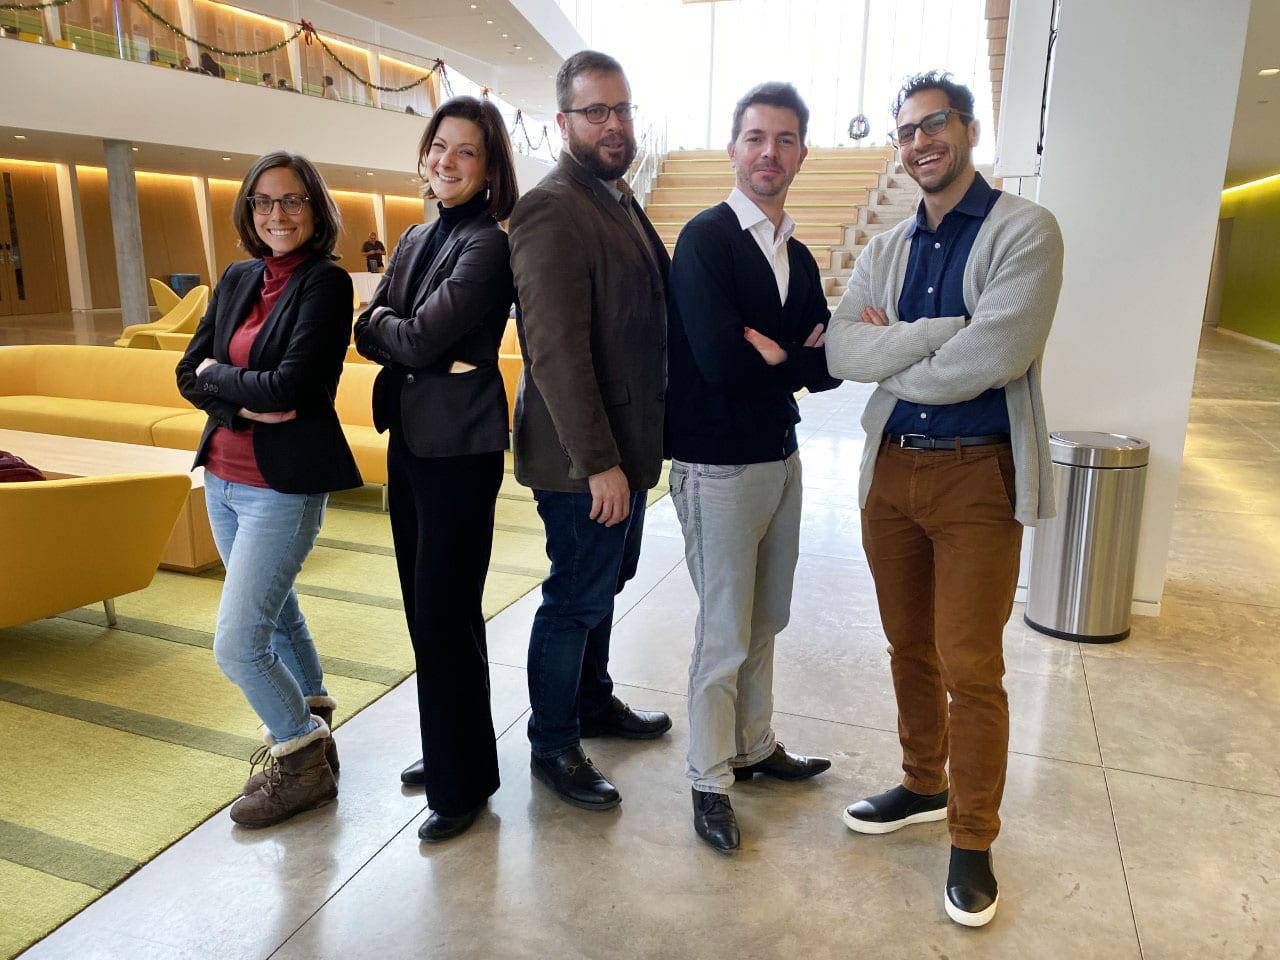 AMR panelists in atrium